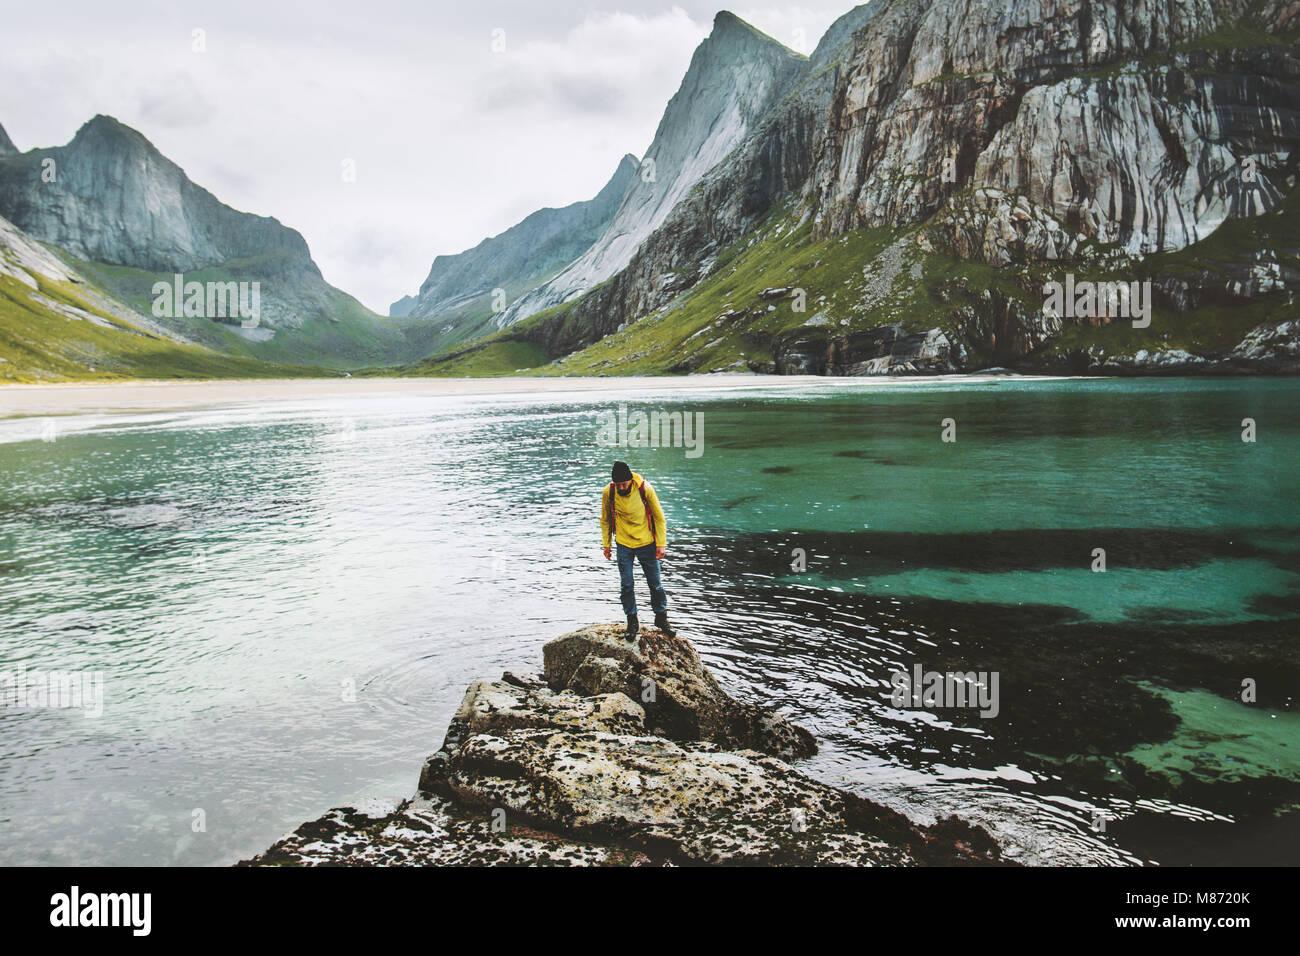 Meilleur homme debout seule à la mer pierre style de voyage adventure concept outdoor aventure vacances actives Photo Stock